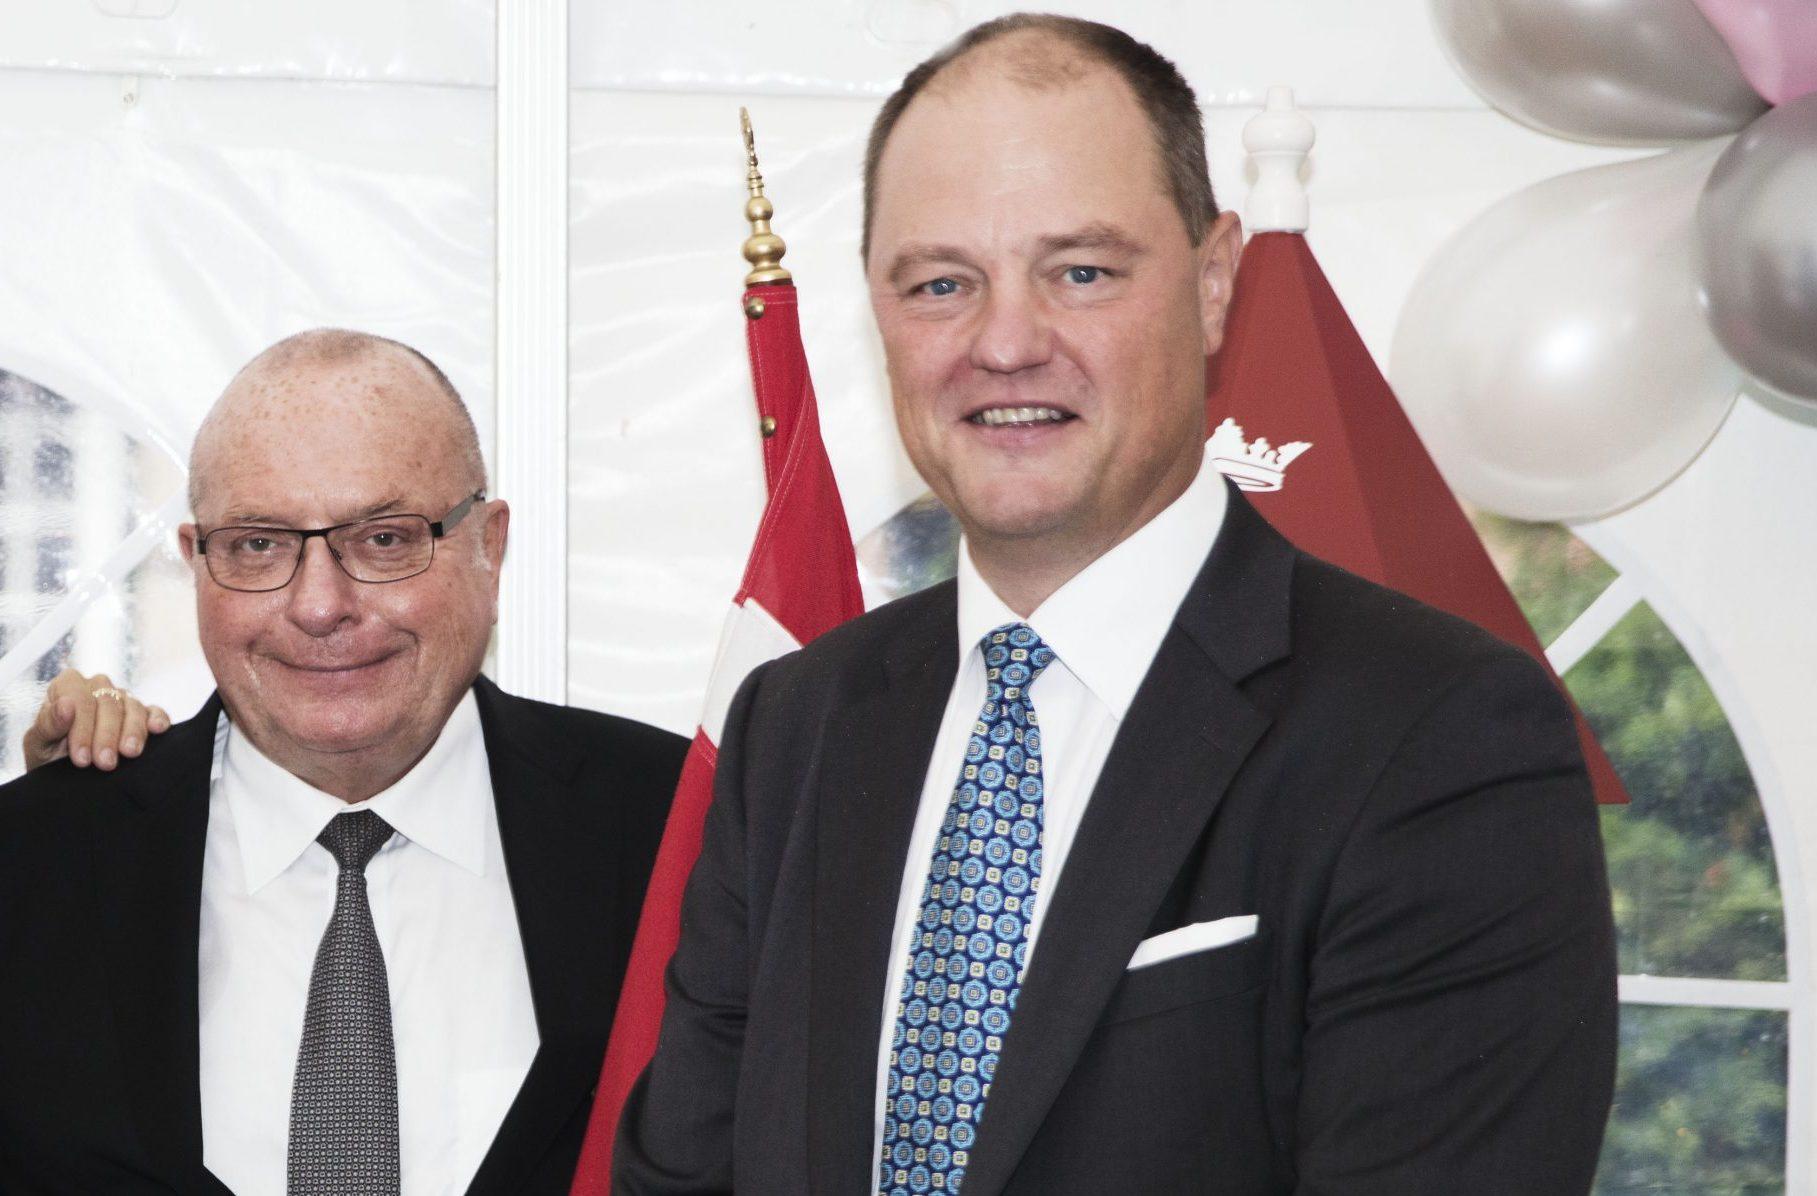 Allan Agerholm, til højre, forlader bestyrelsen i hotel- og brancheforeningen HORESTA, hvor han var næstformand. Her er han med Jens Zimmer Christensen, der er formand for bestyrelsen i HORESTA. Arkivfoto.